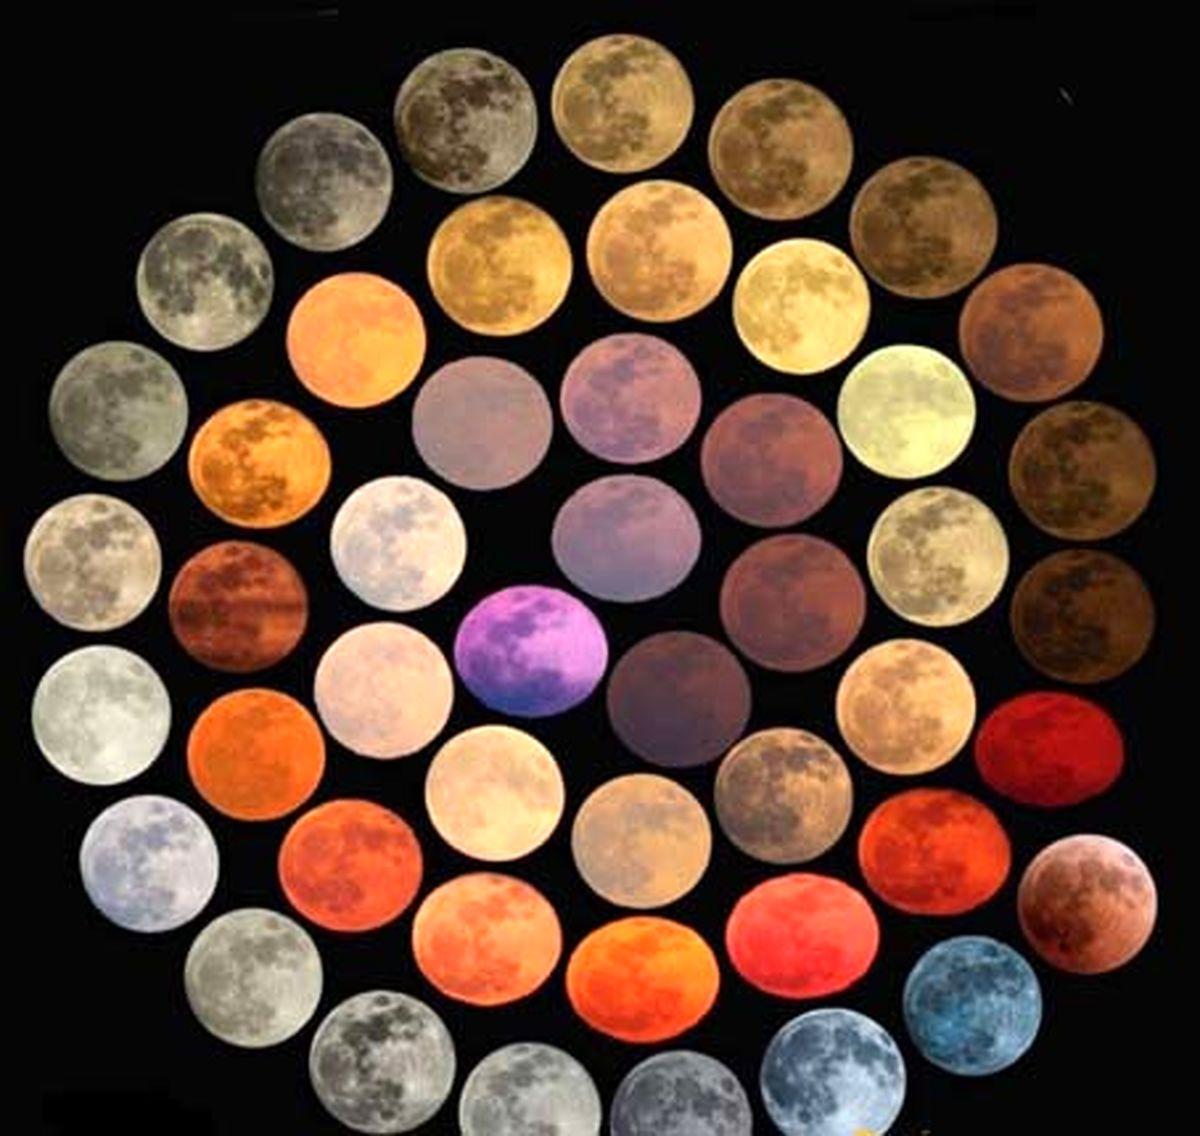 تصویری دیدنی از رنگهای مختلف کره ماه یکجا